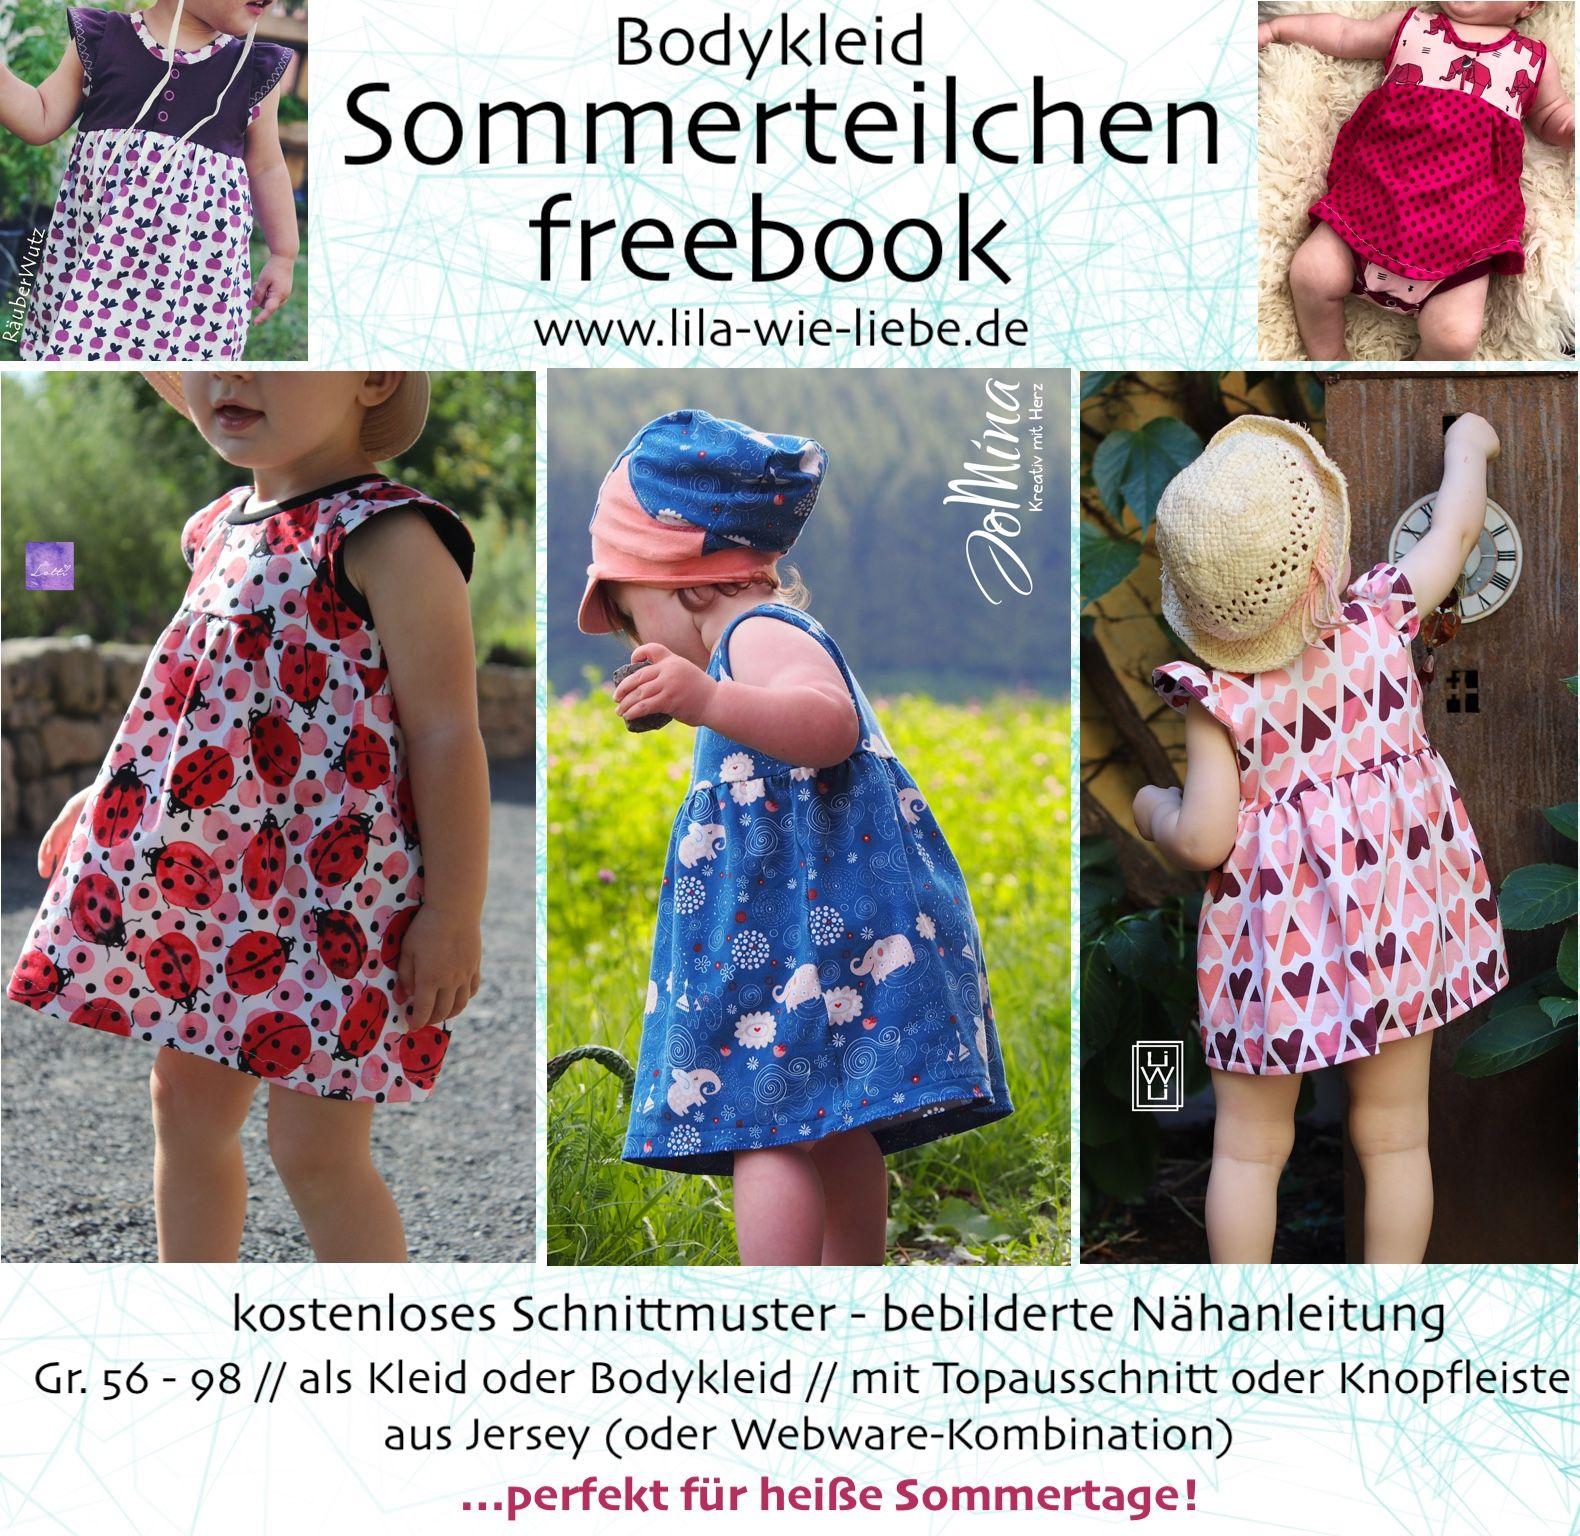 Freebook Bodykleid Sommerteilchen (Gr. 56-98) - Lila wie Liebe